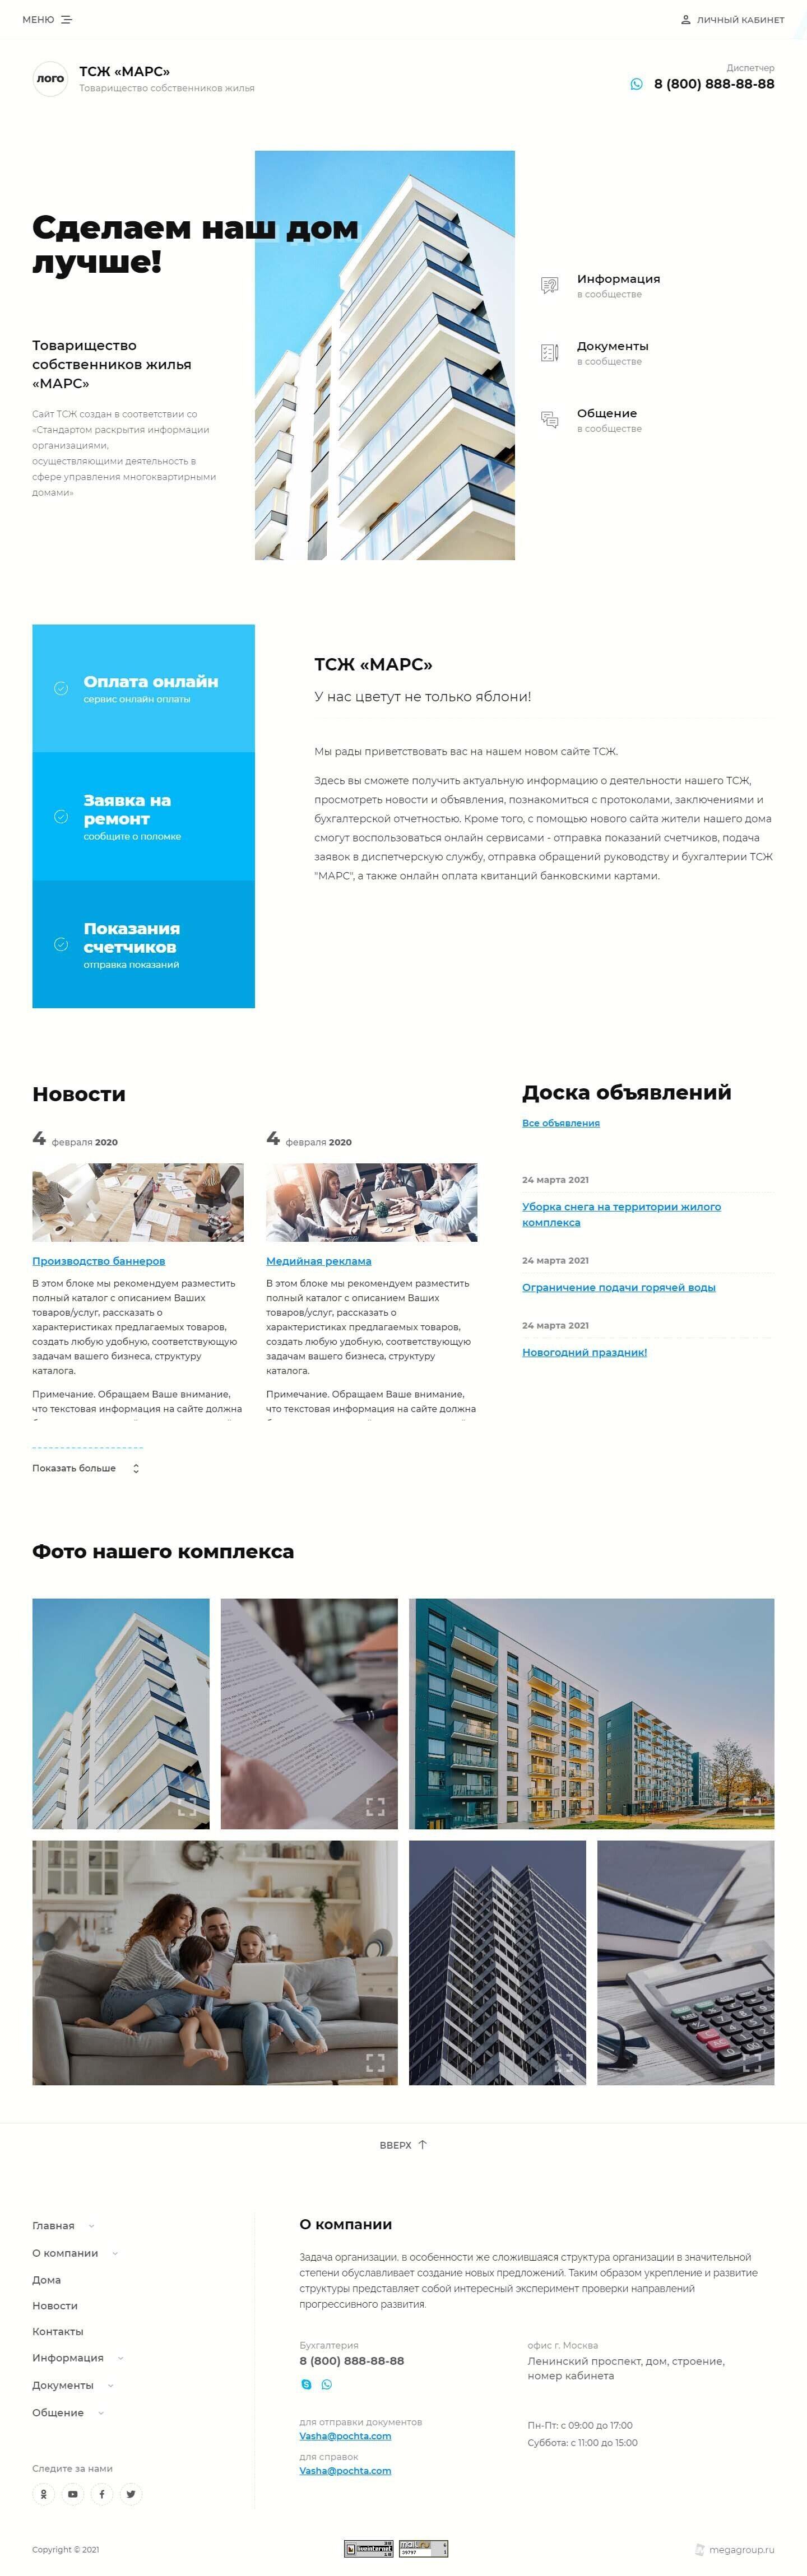 Готовый Сайт-Бизнес #2956977 - Товарищество собственников жилья (ТСЖ) (Главная версия)